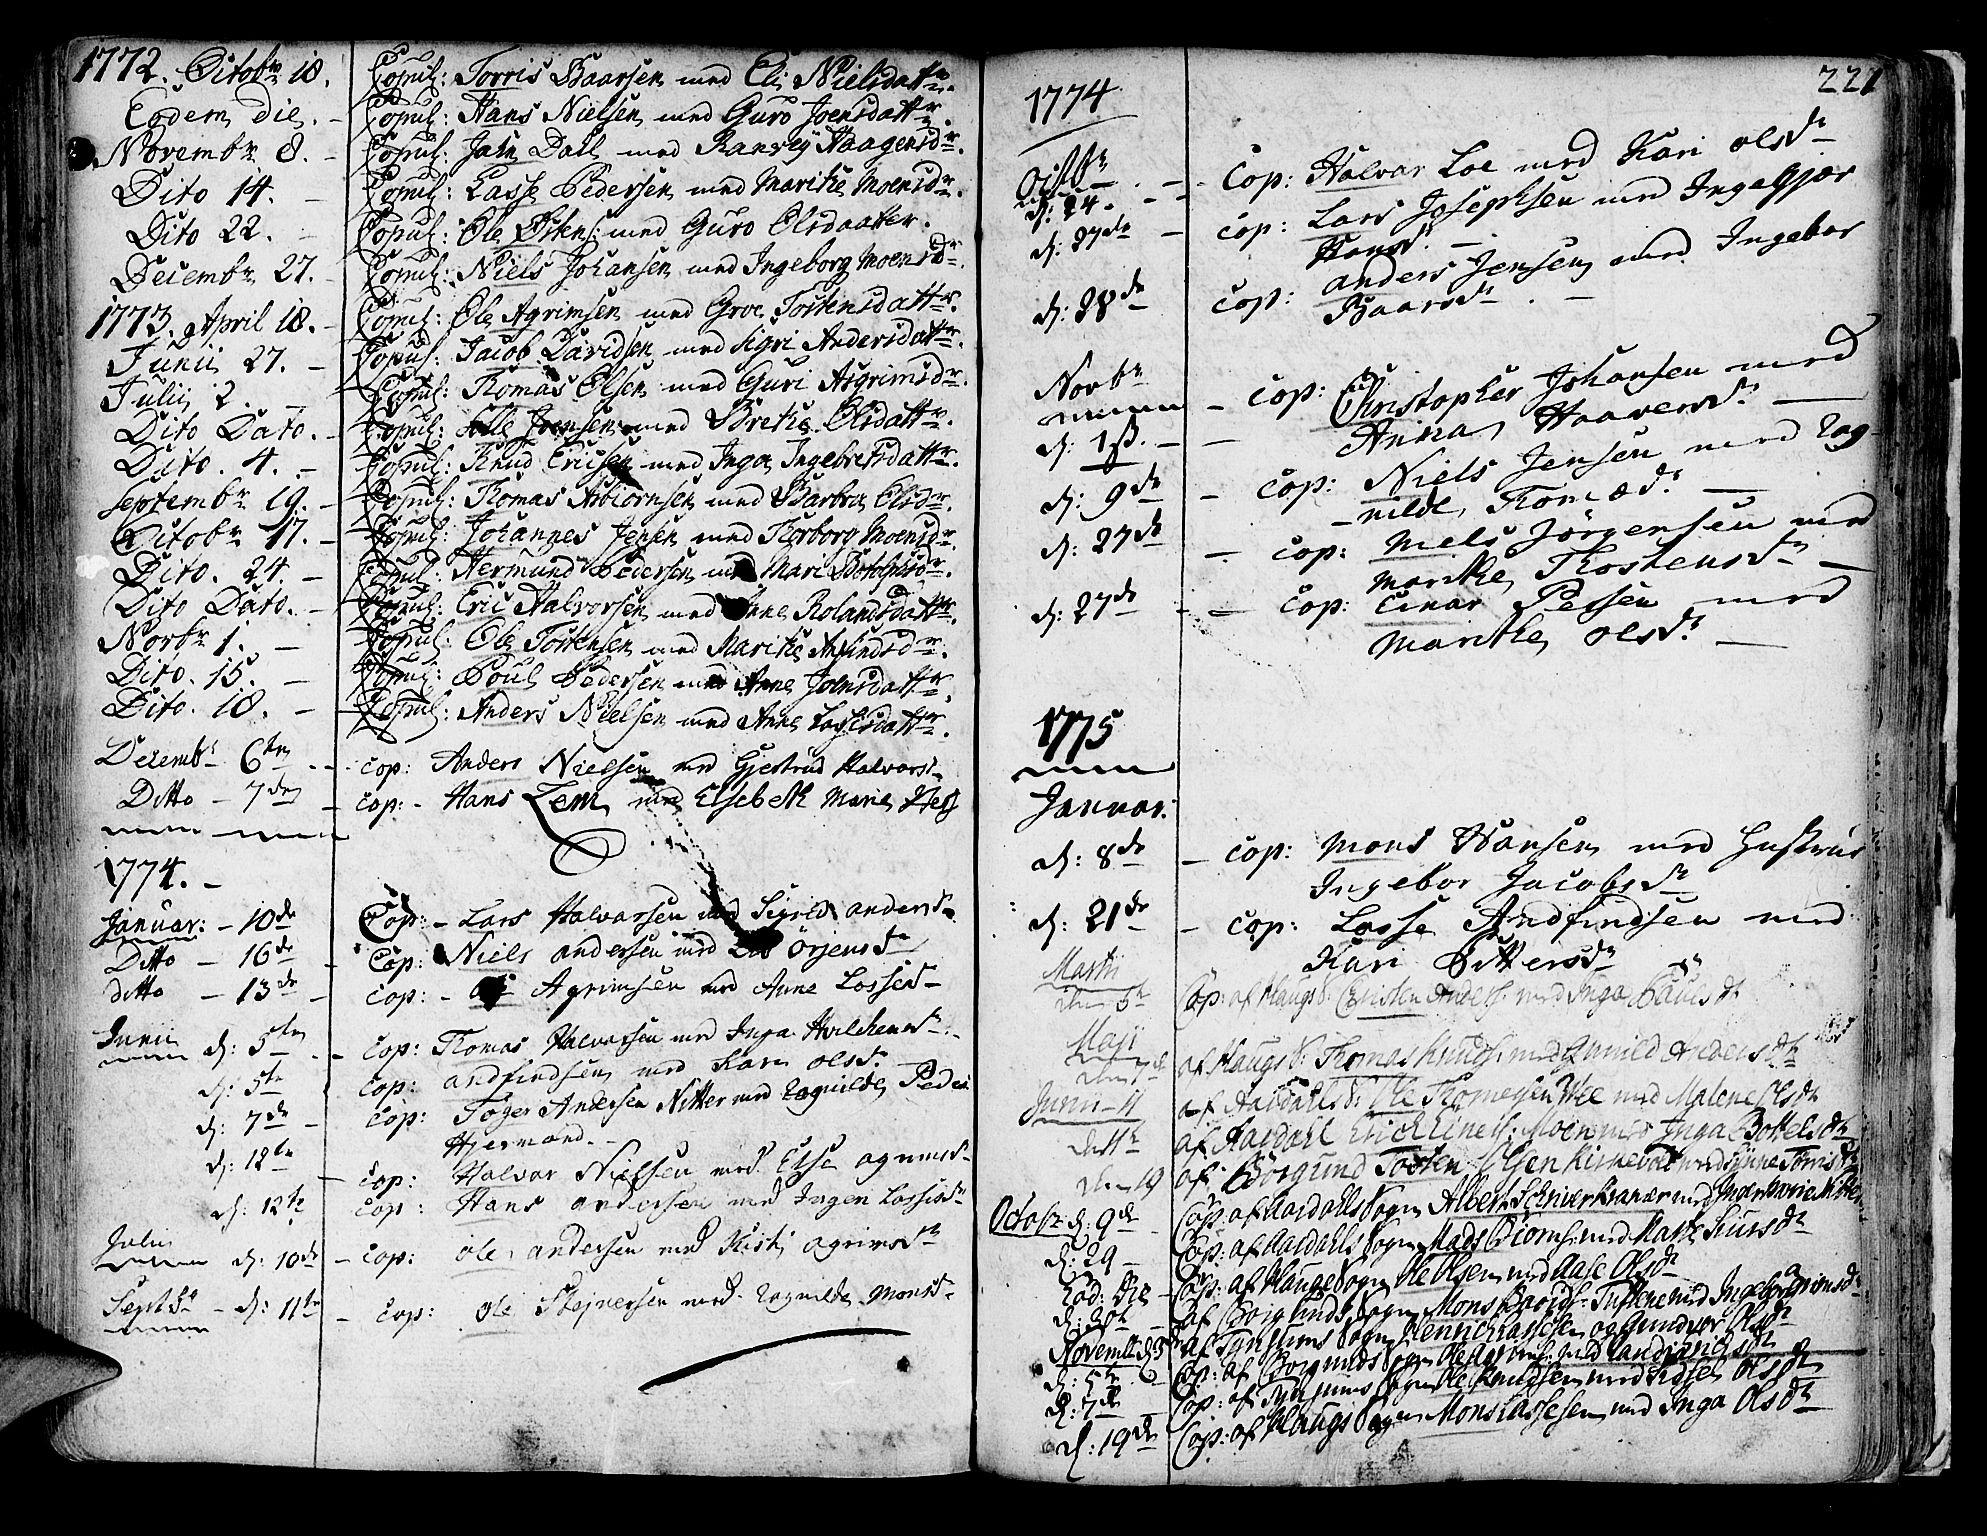 SAB, Lærdal Sokneprestembete, Ministerialbok nr. A 2, 1752-1782, s. 221